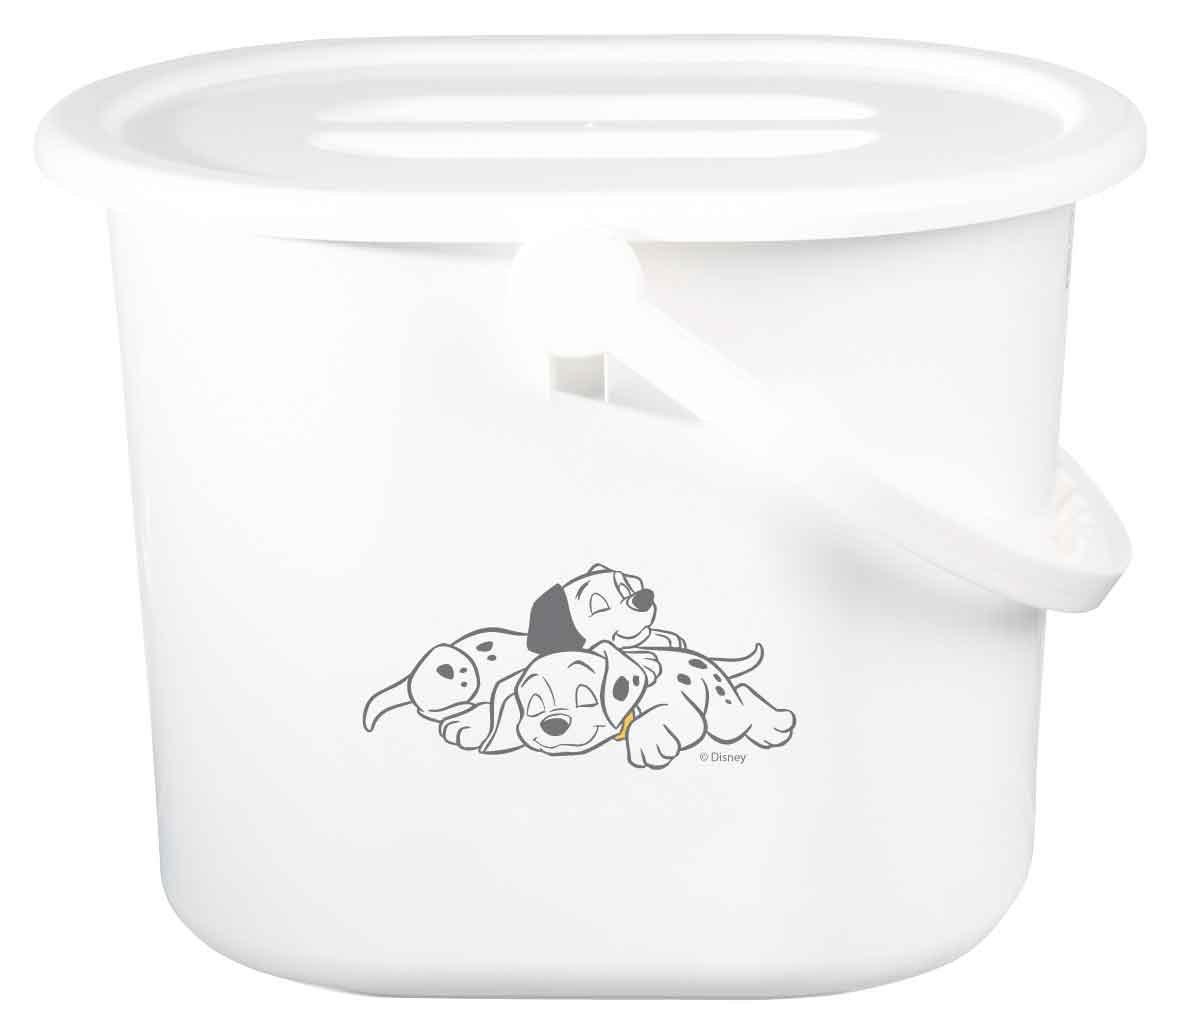 Bébé-jou - Contenedor para pañales, color blanco blanco 101 Dalmatiner 6161101